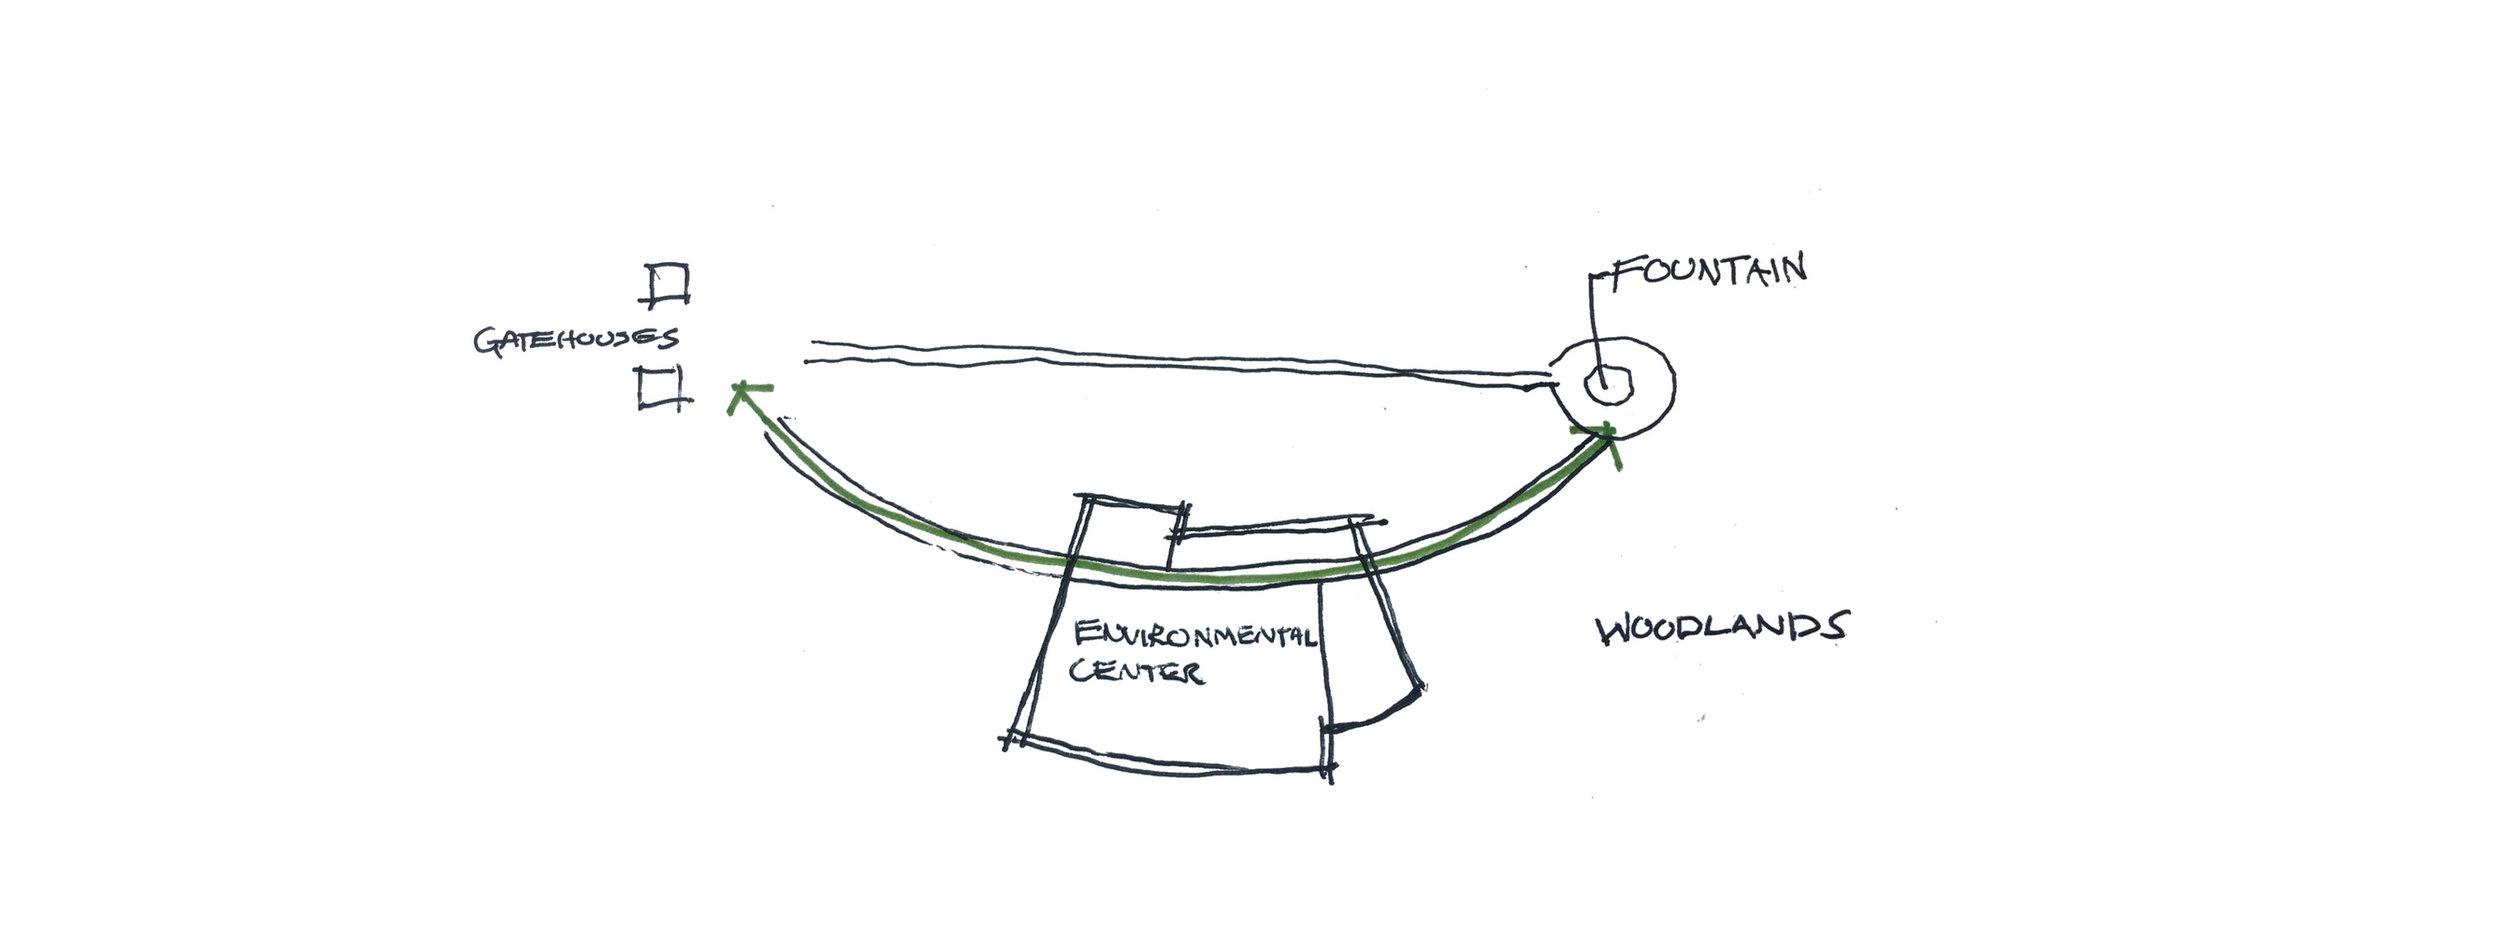 frick diagram.jpg